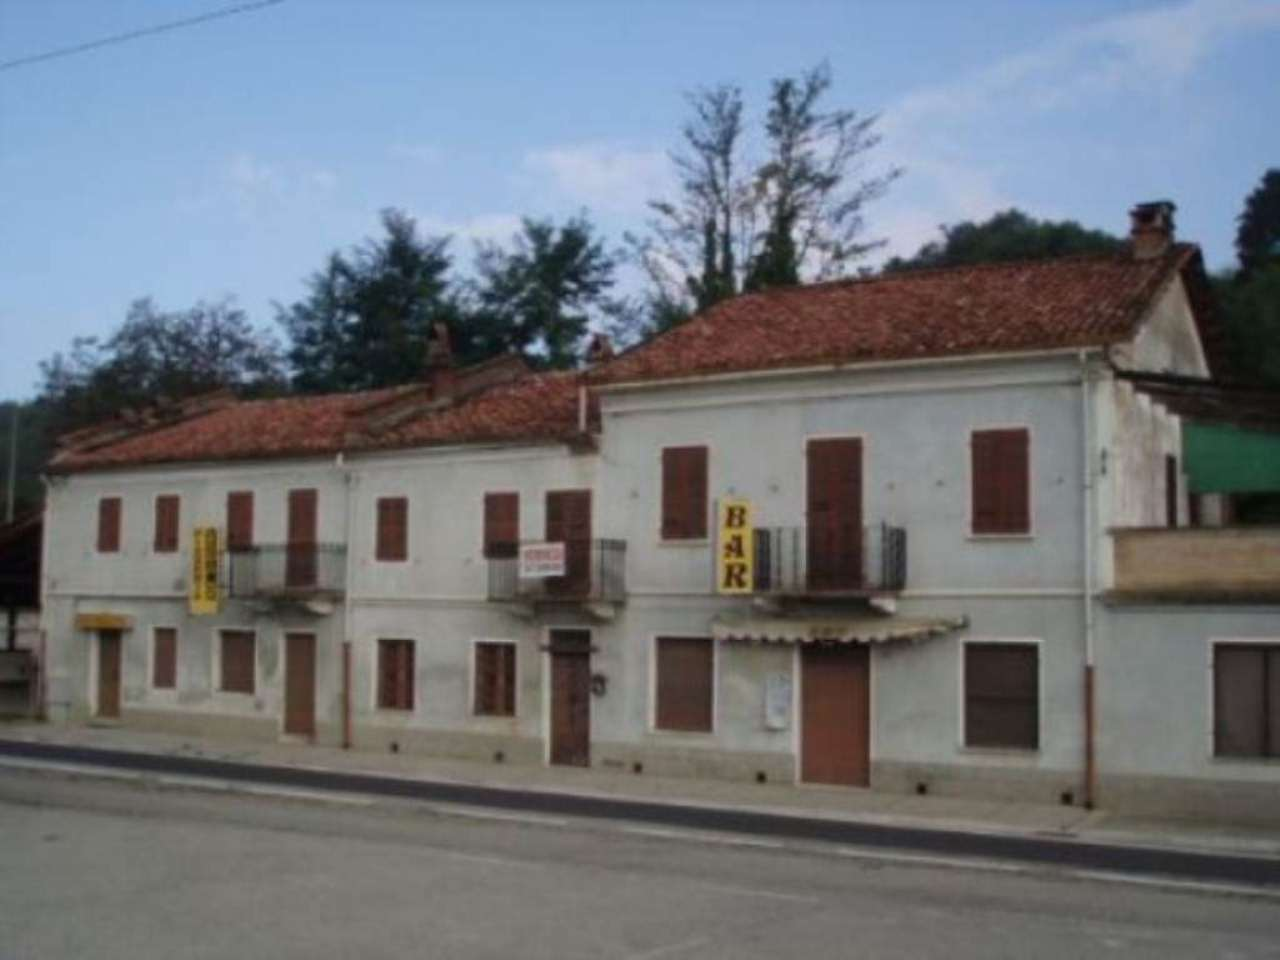 Rustico / Casale in vendita a Aramengo, 6 locali, prezzo € 190.000 | Cambio Casa.it